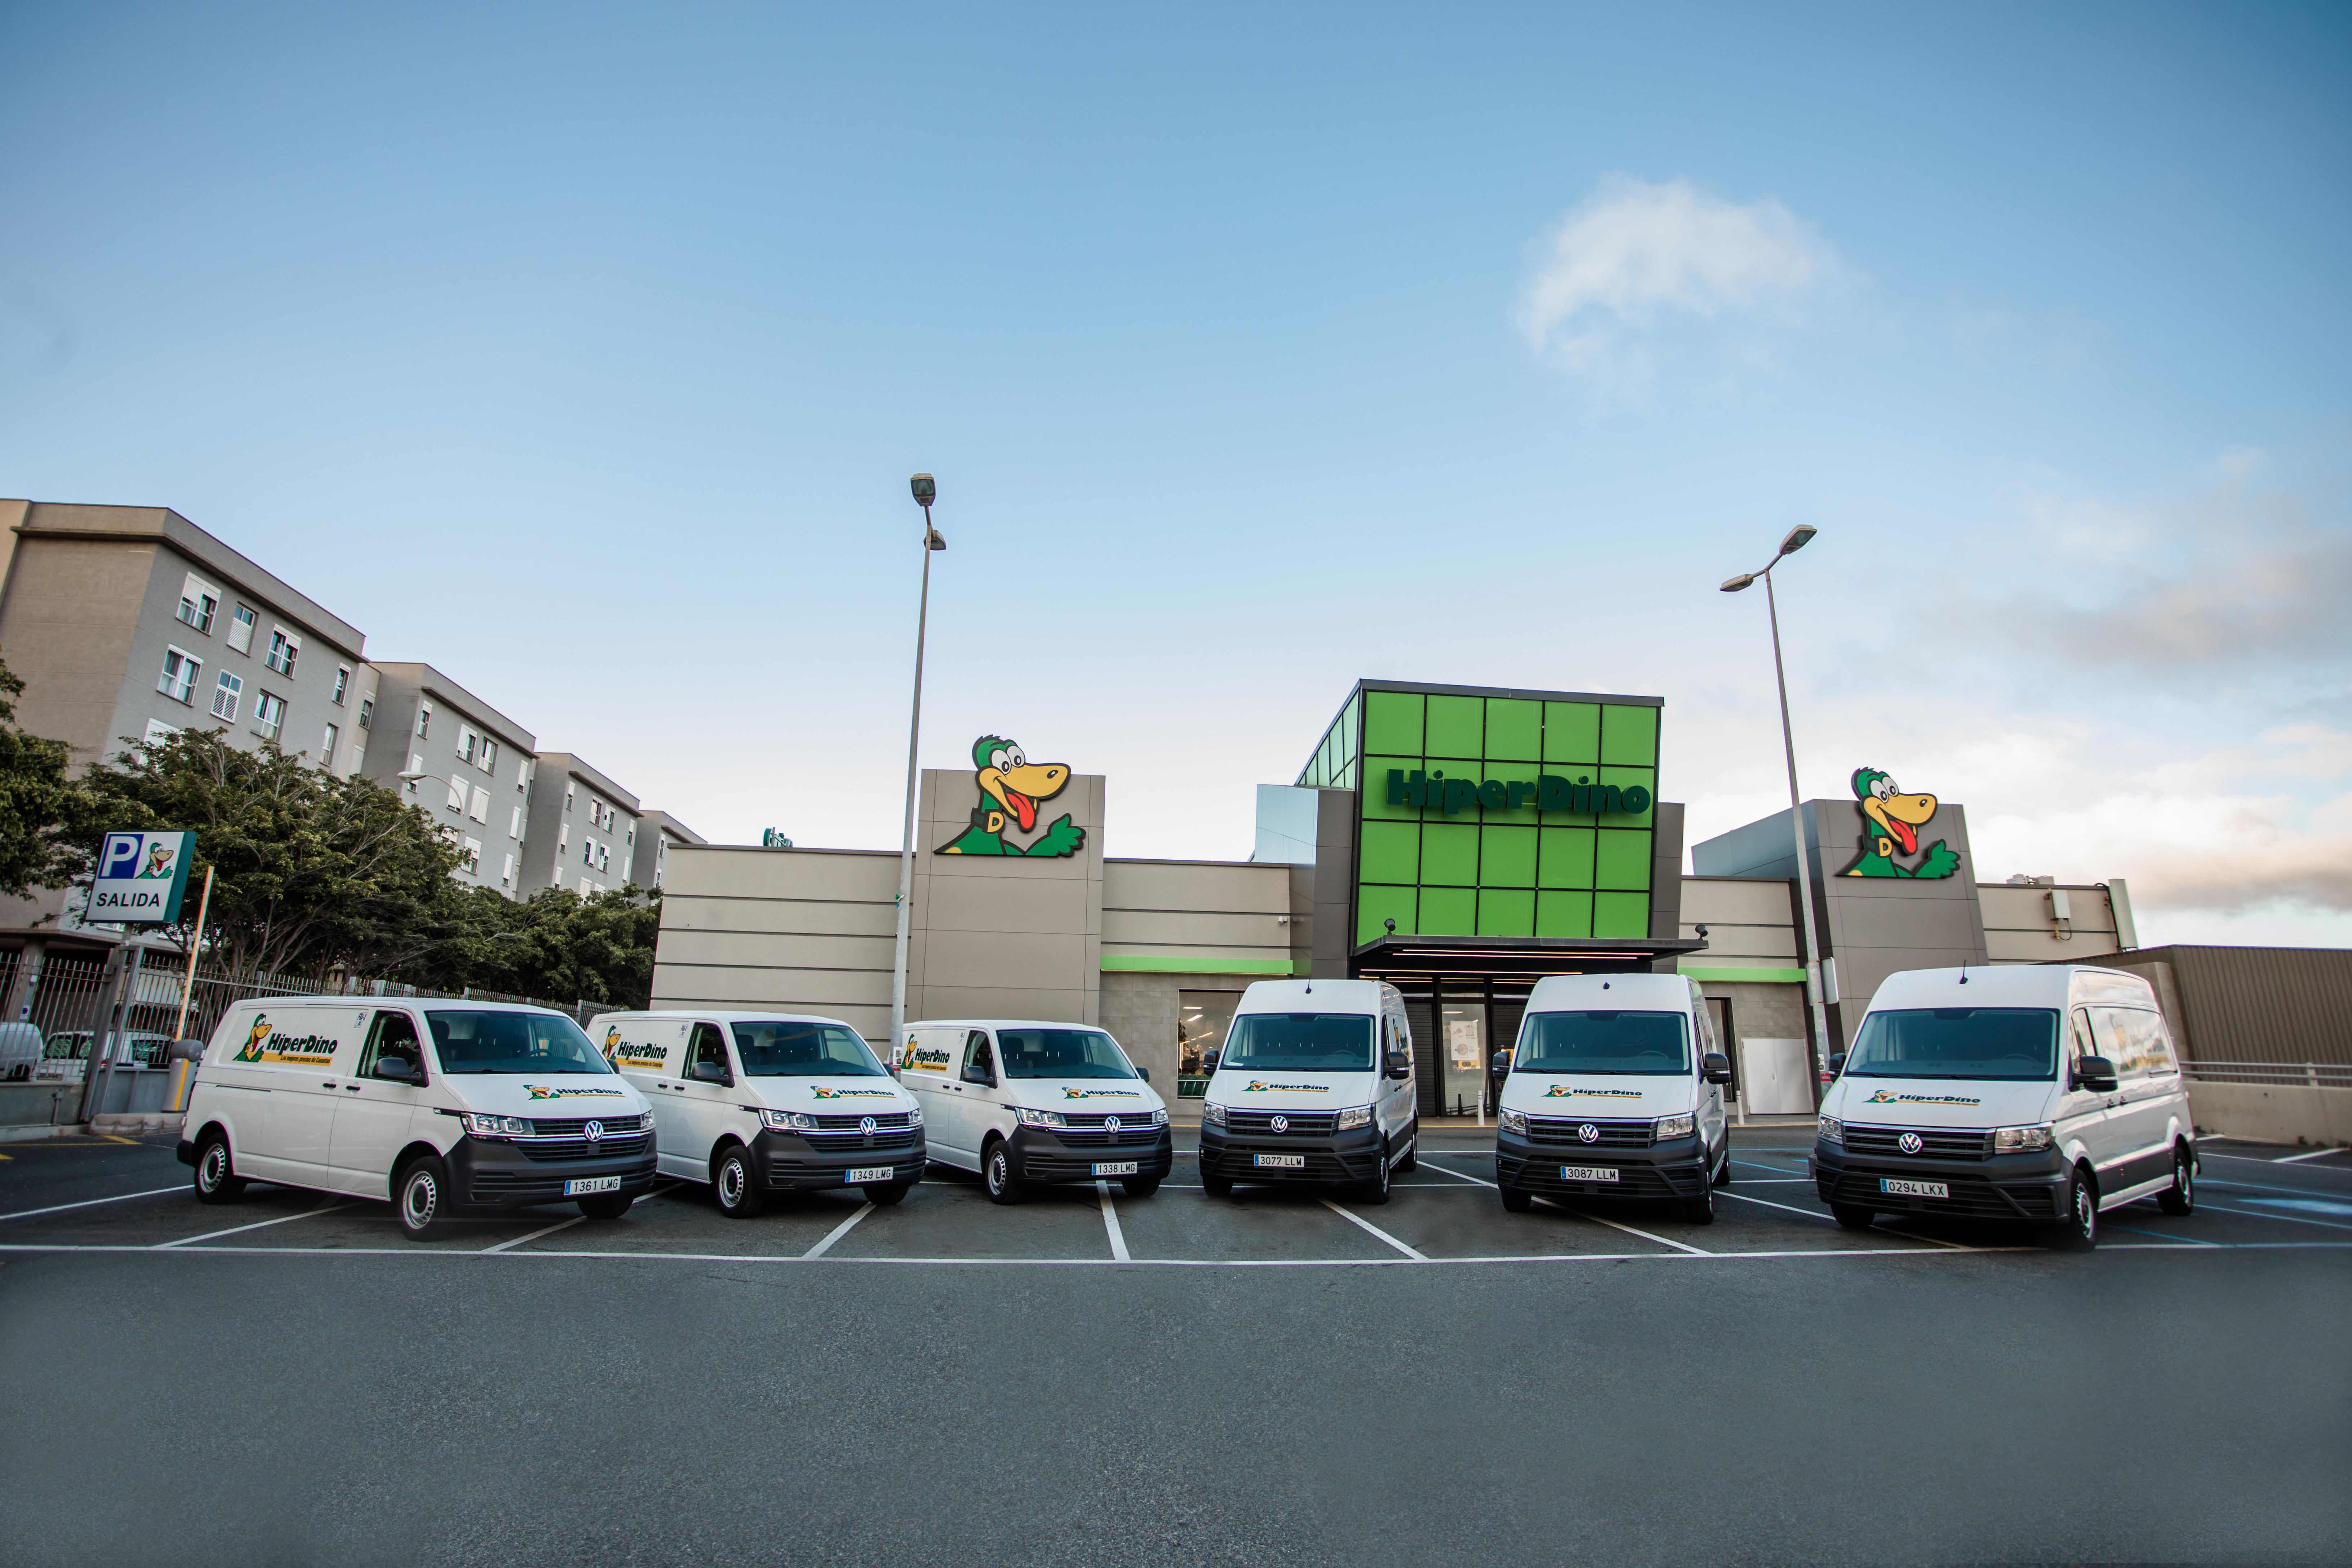 Volkswagen Comerciales entrega una flota de 36 vehículos a HiperDino